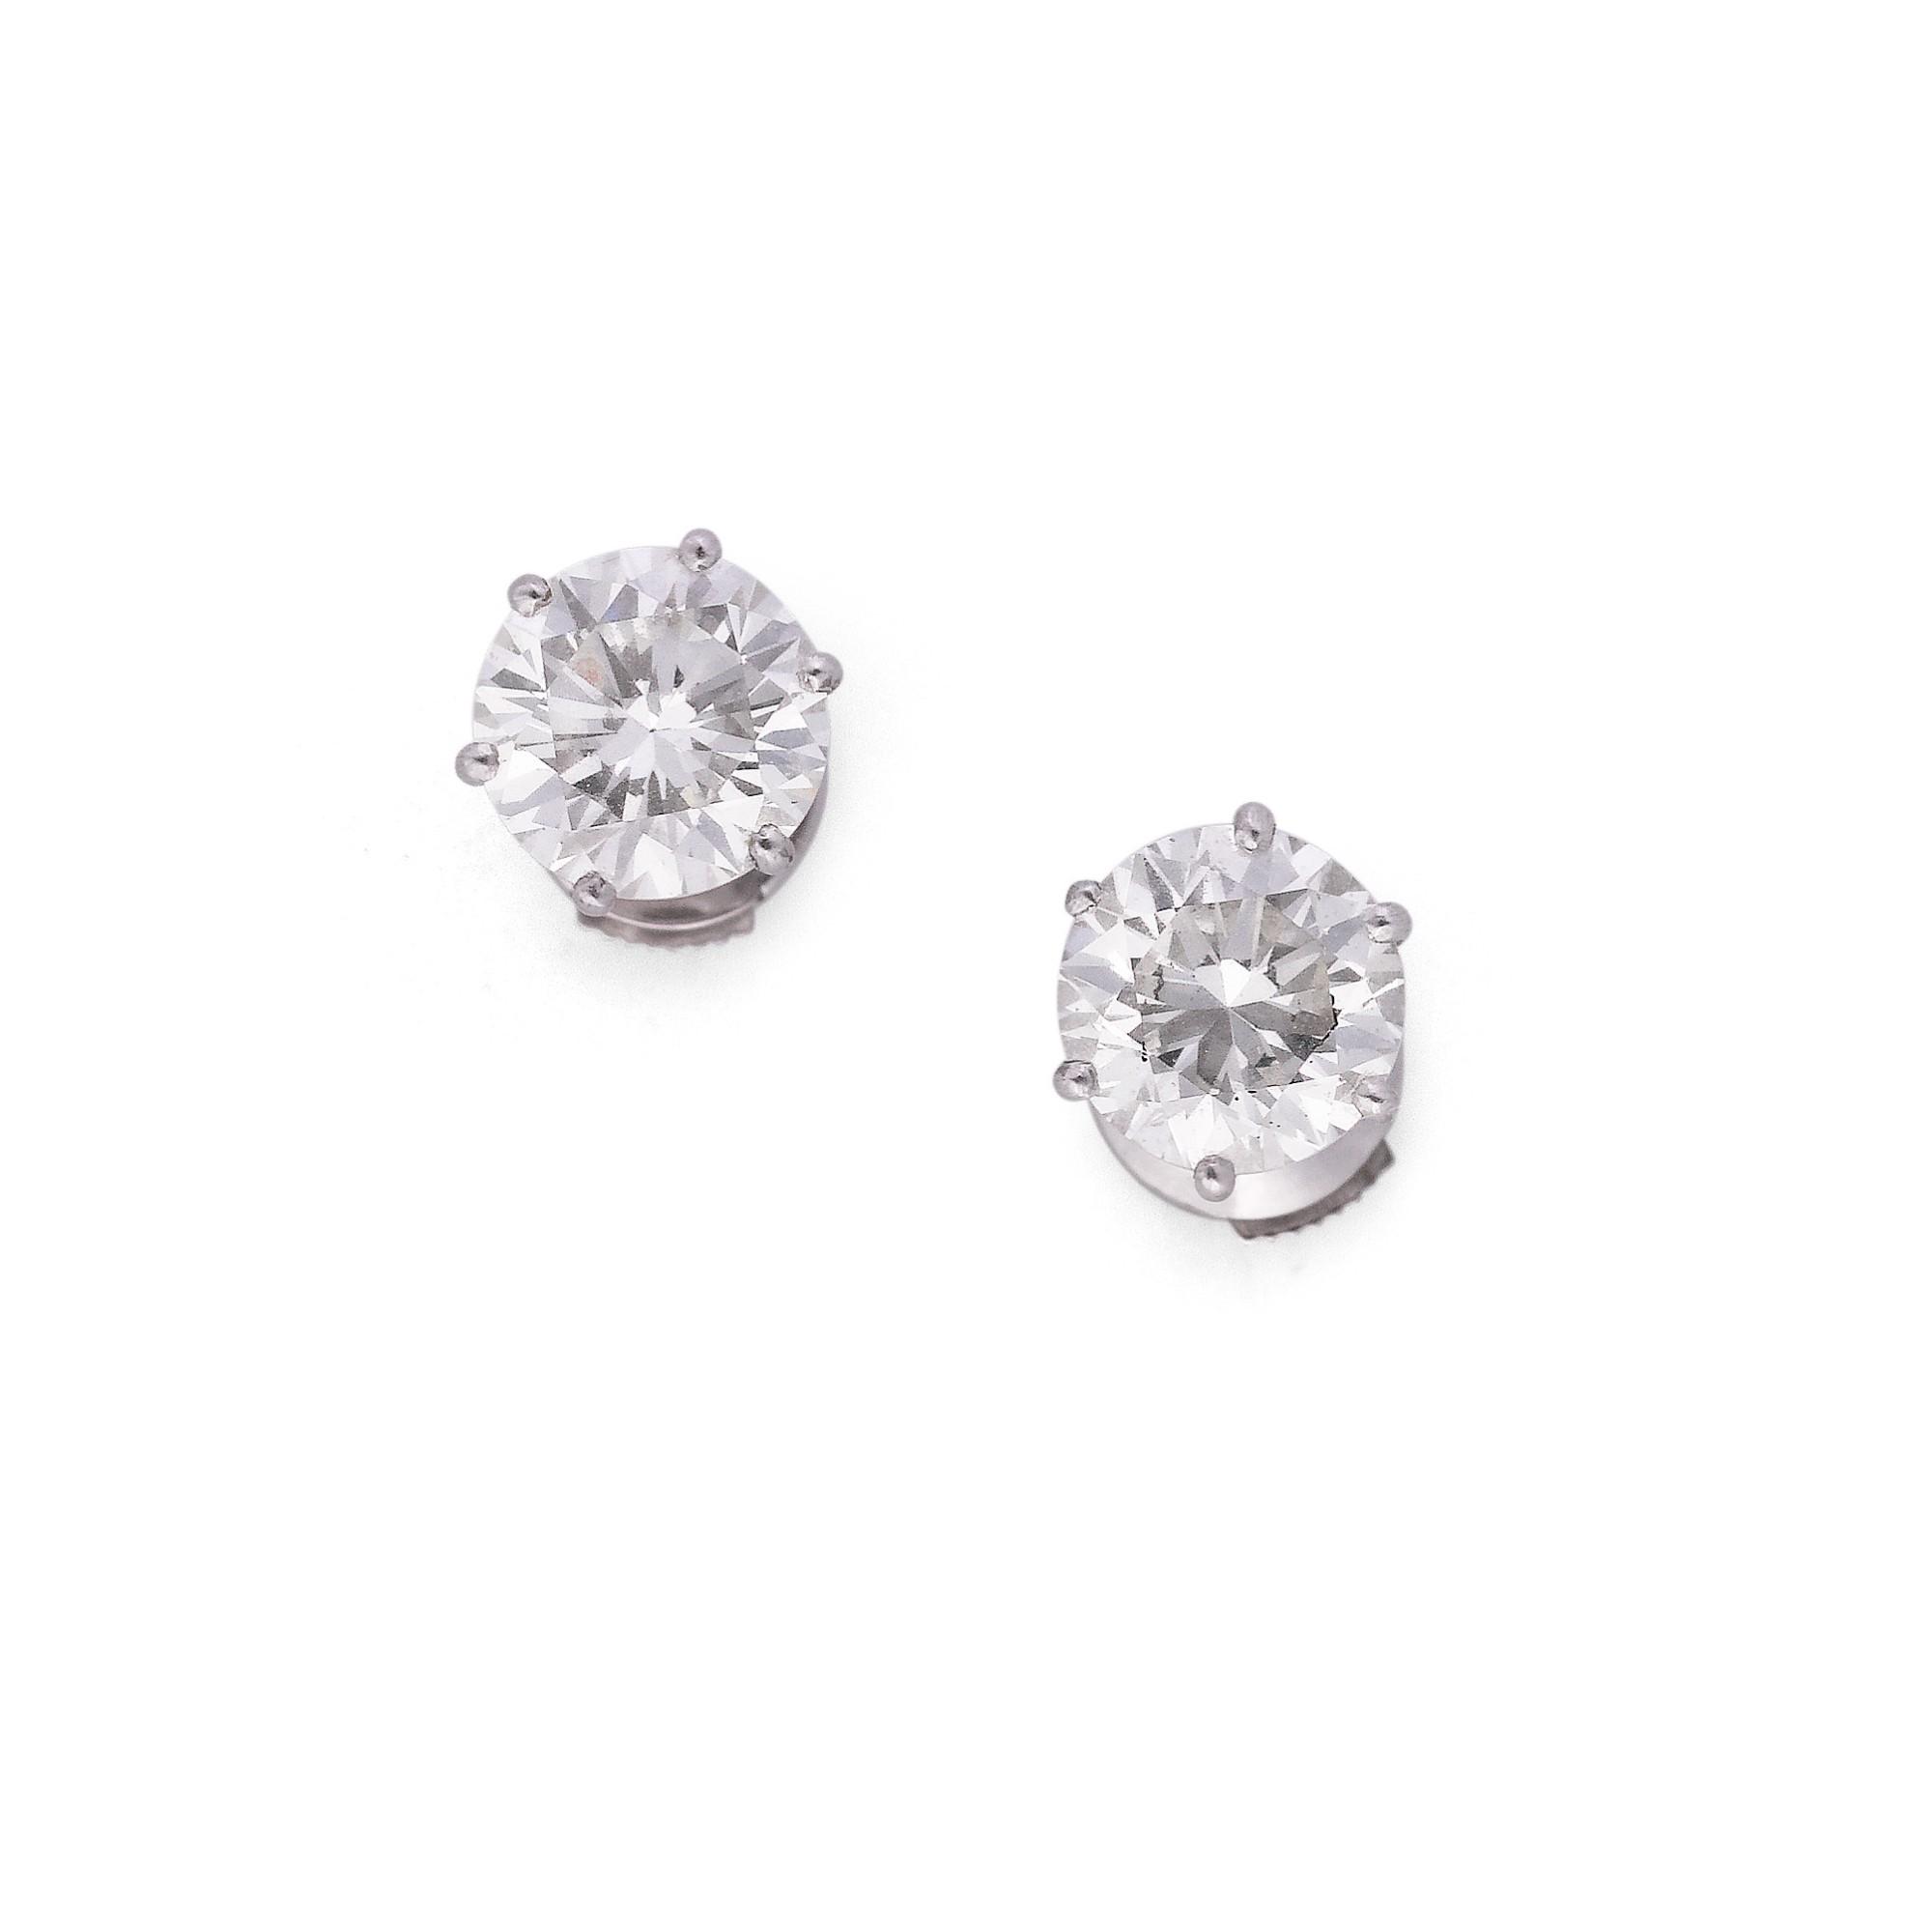 Pair of diamond earrings [Paire de boucles d'oreille diamants]